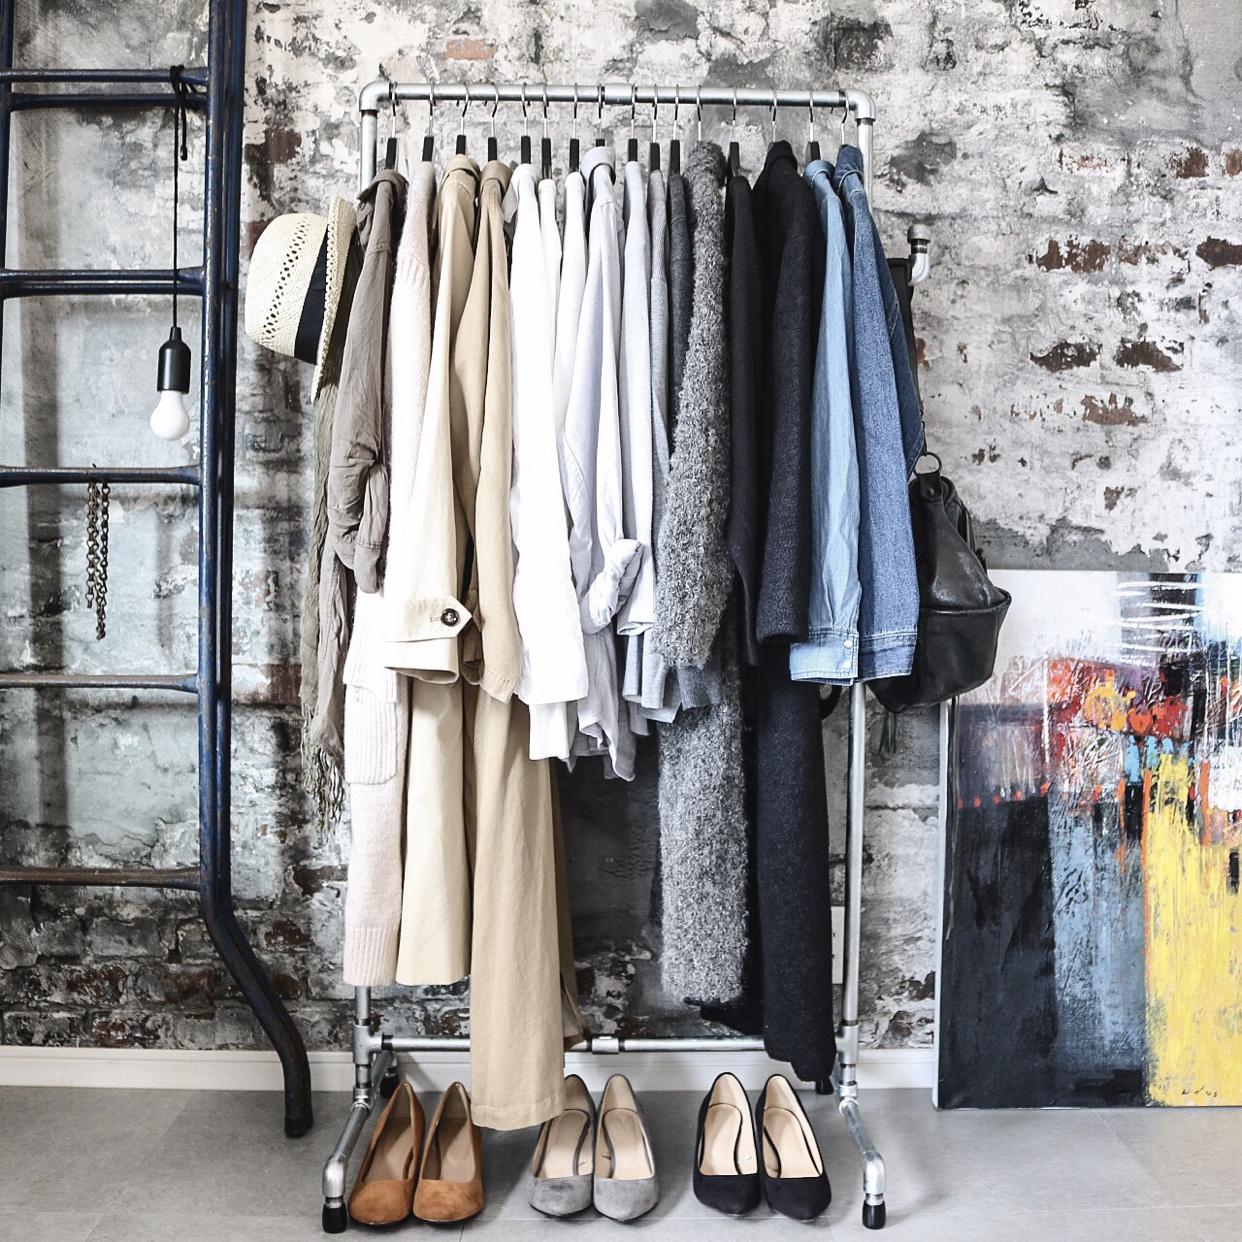 ぜひ取り入れたい☆服をオシャレに見せる収納術! | RoomClip mag | 暮らしとインテリアのwebマガジン